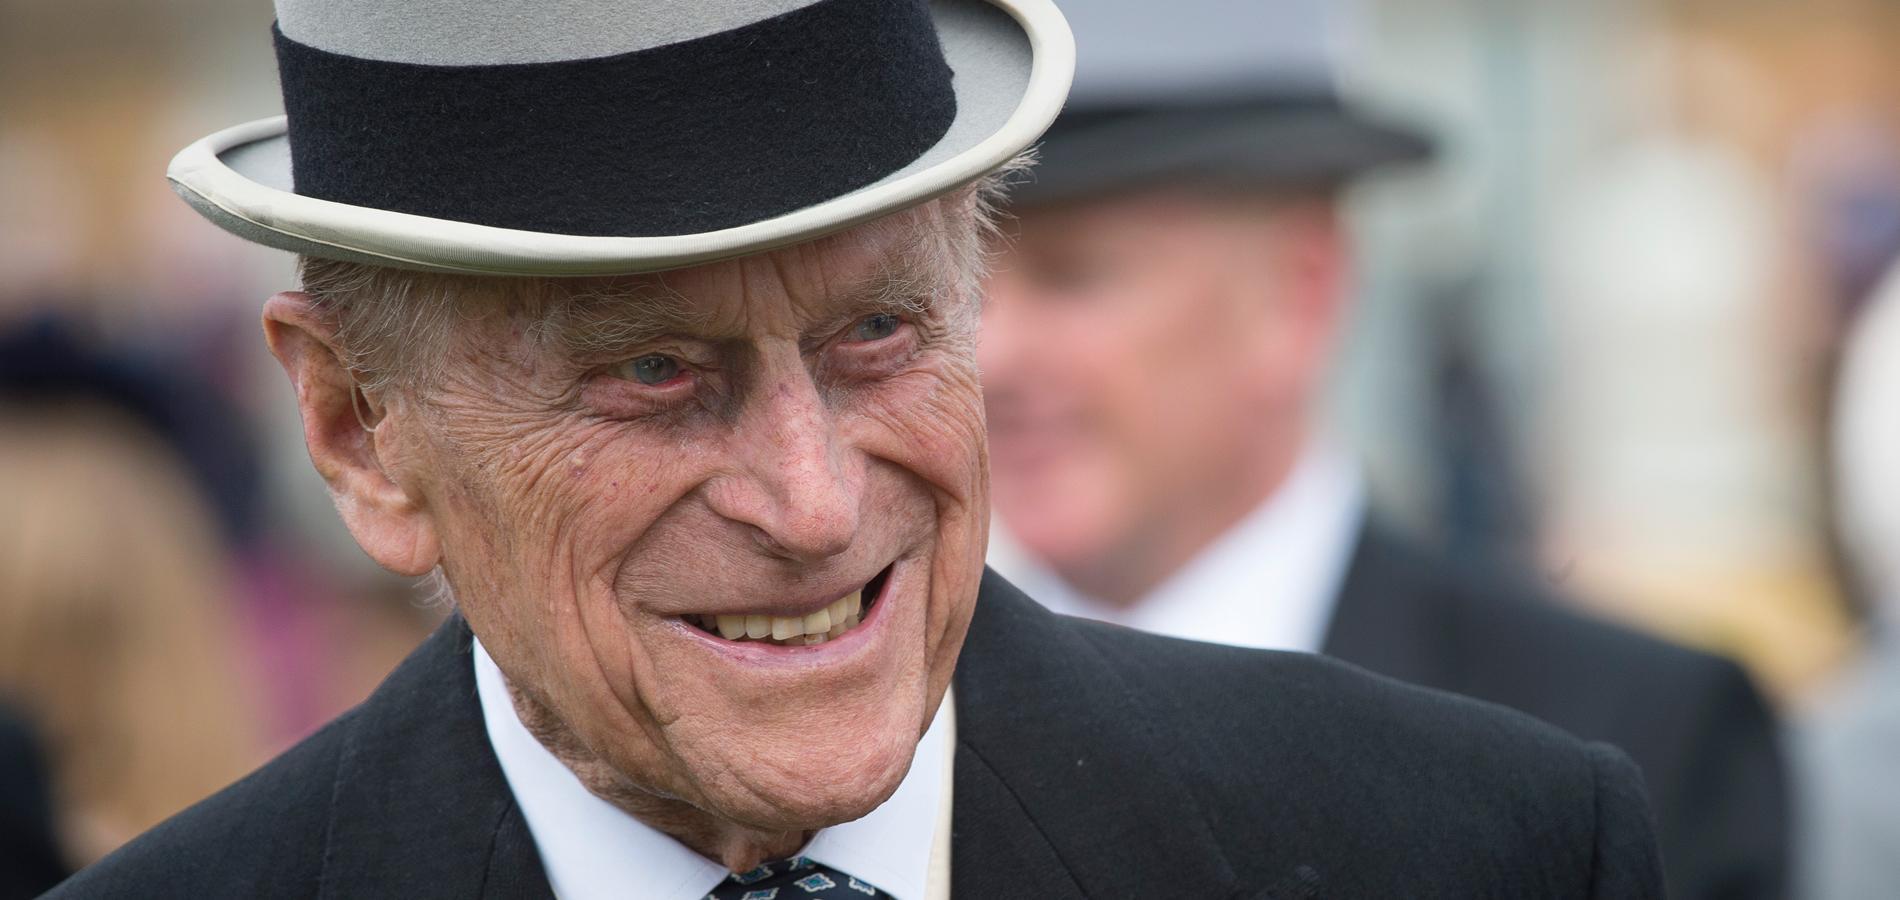 Le jour où le prince Philip prit sa retraite, à 96 ans